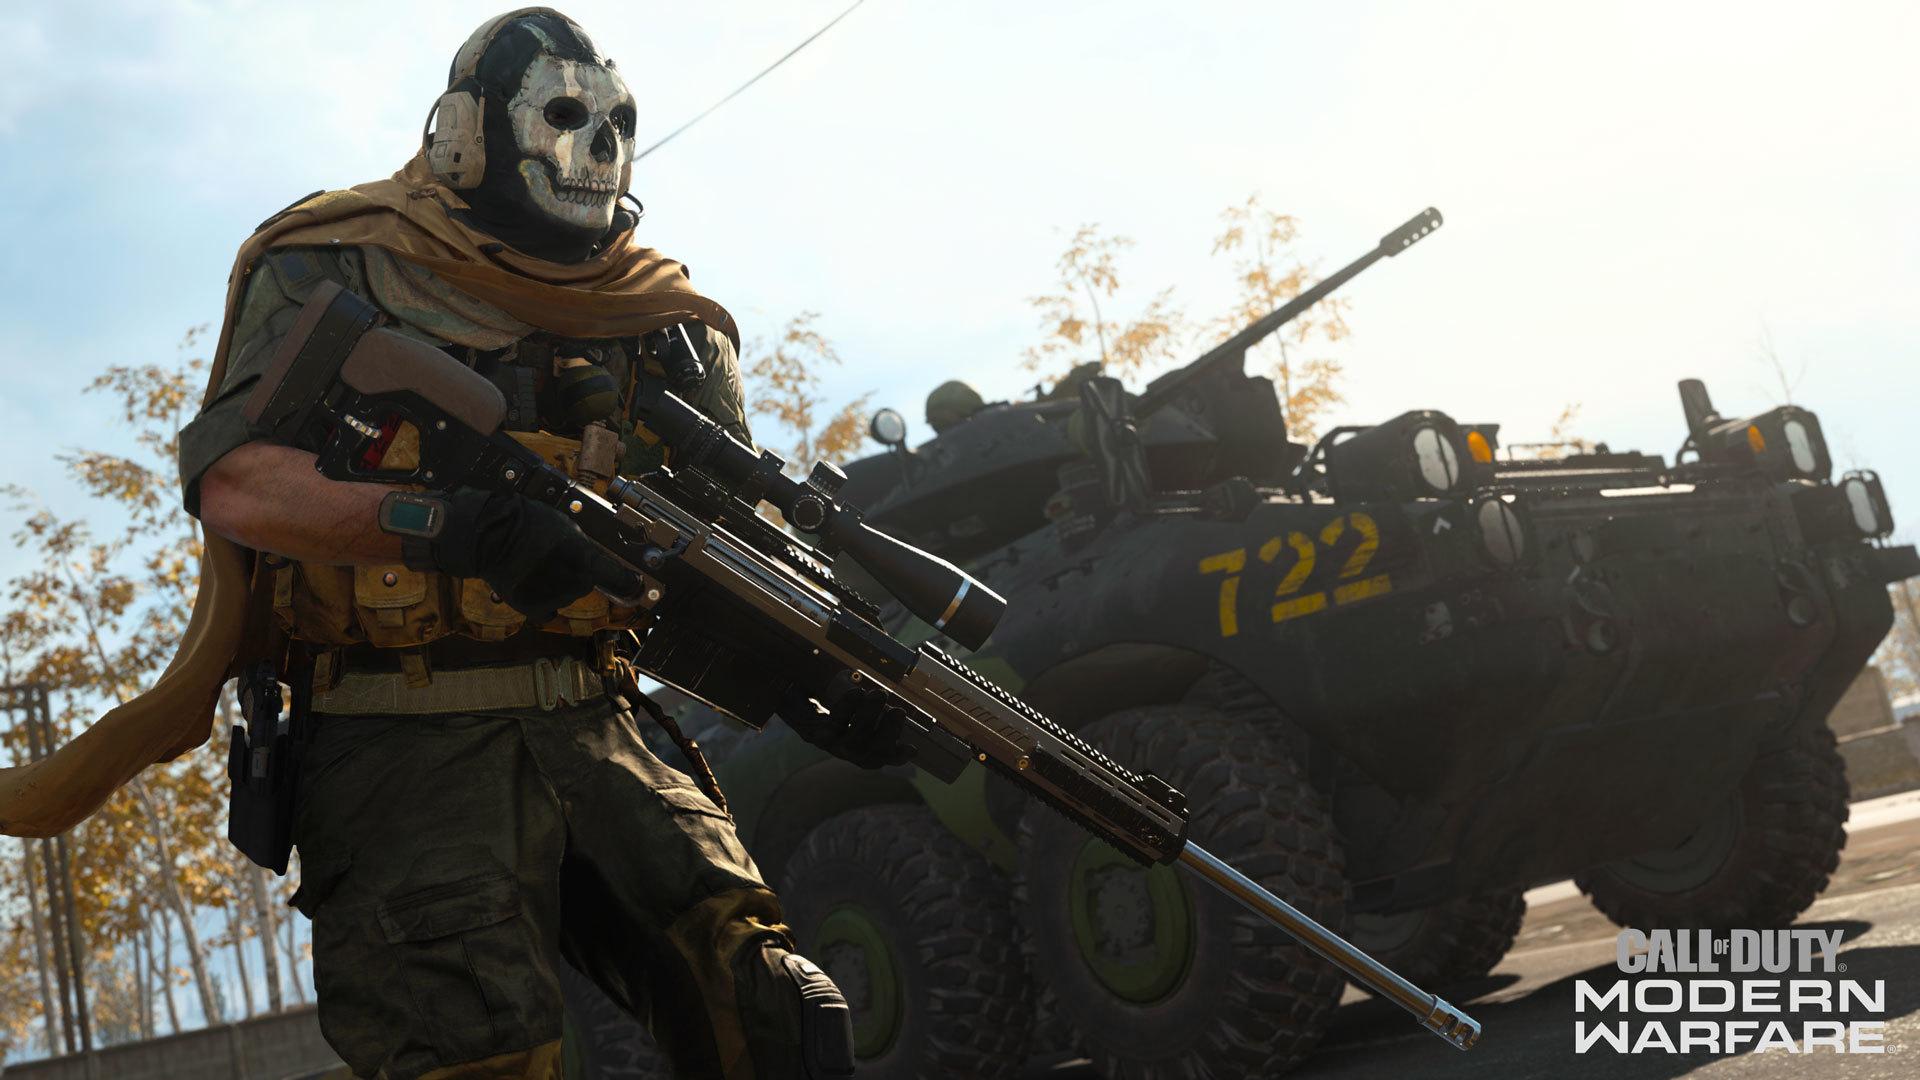 call-of-duty-modern-warfare-season-2